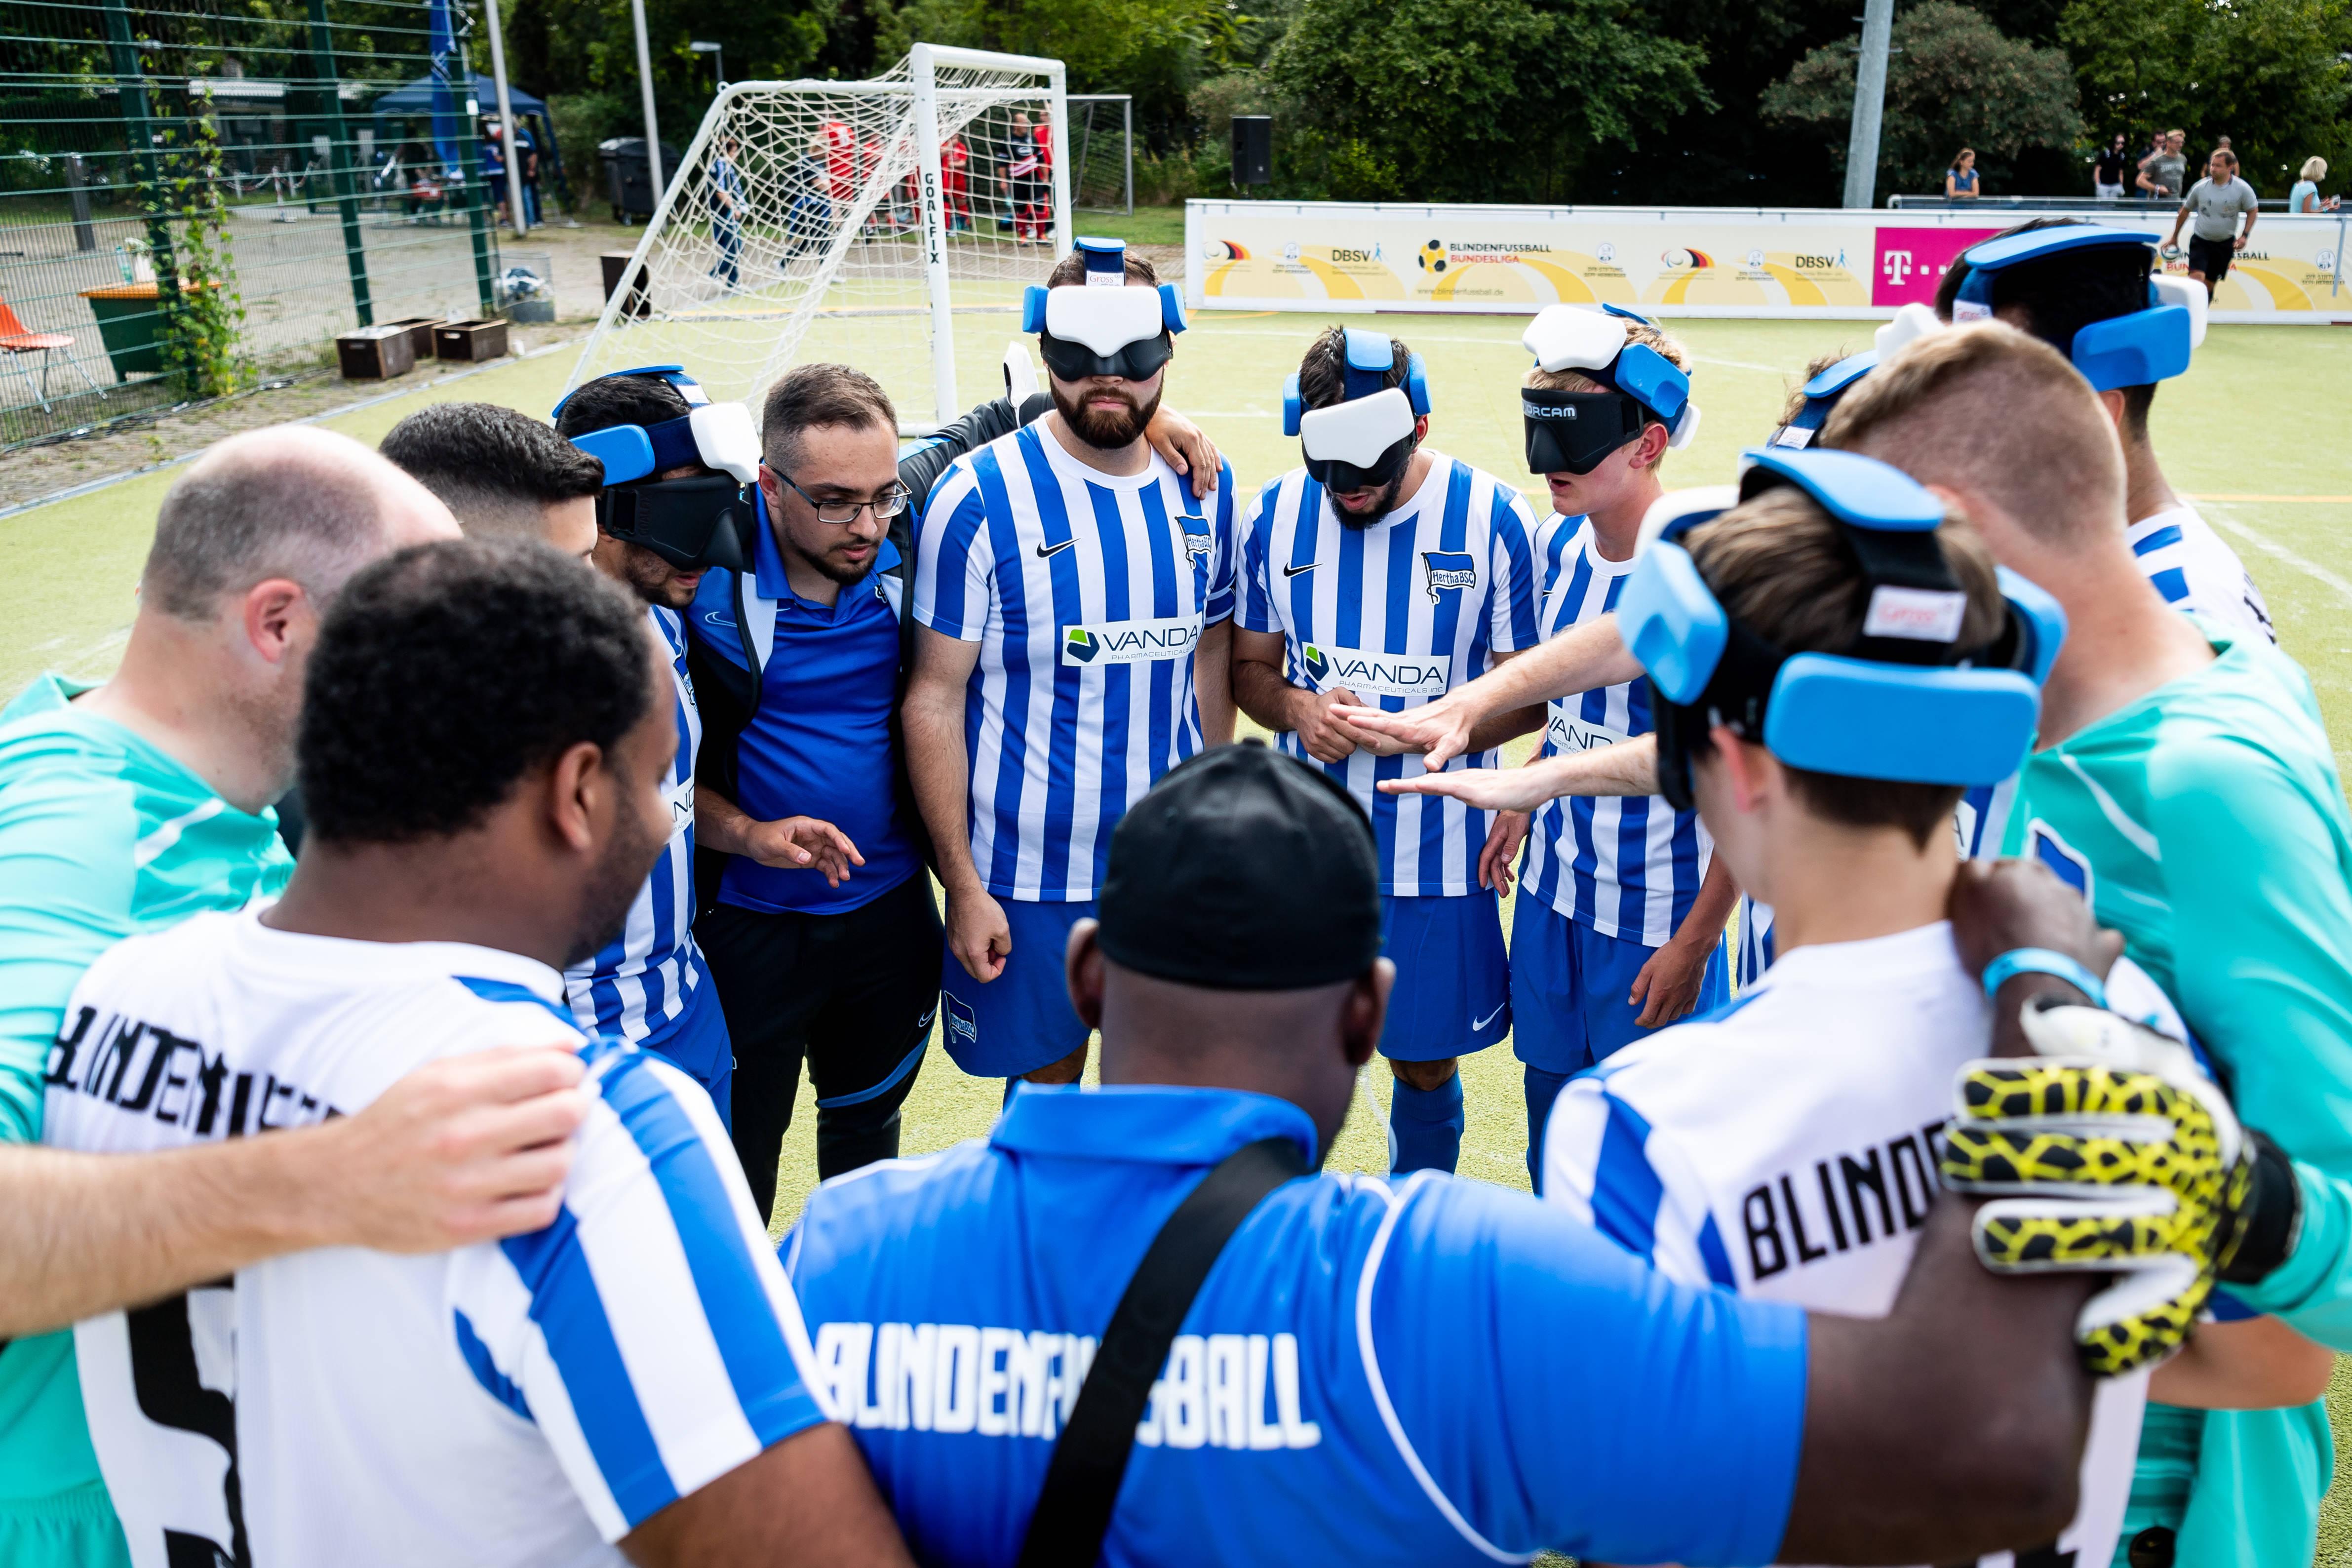 Unsere Blindenfußballer bilden einen Mannschaftskreis.